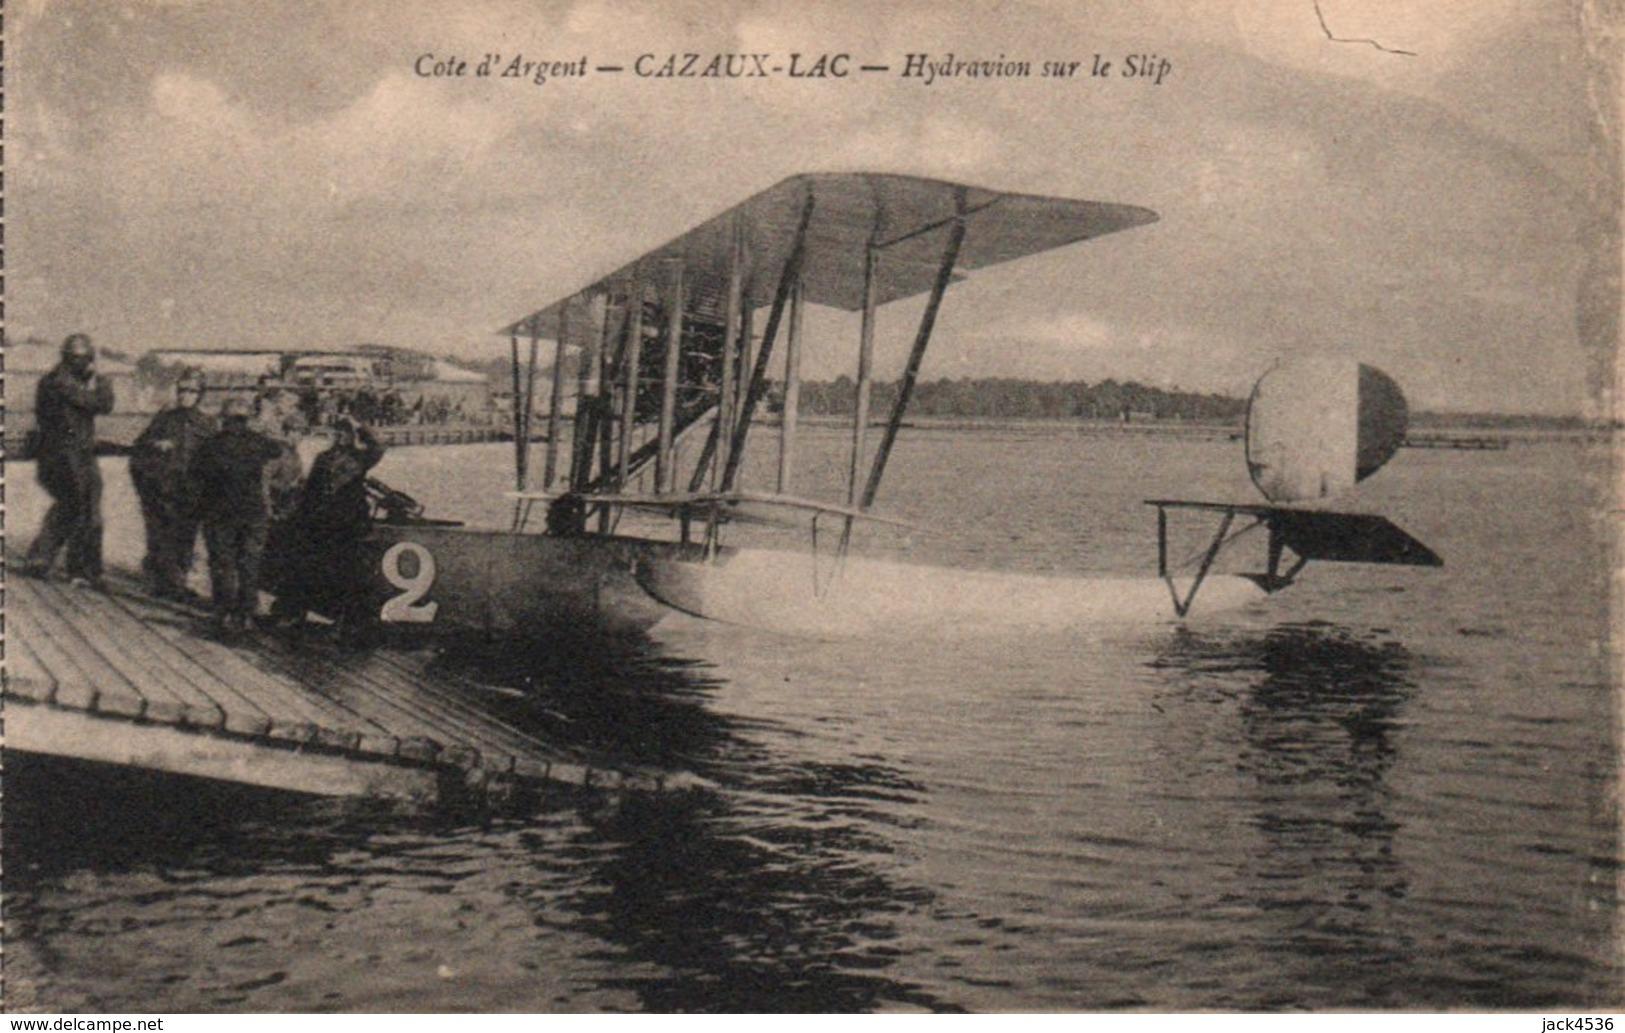 Carte Postale Ancienne Issu De Carnet - Dép. 33 - CAZAUX - LAC - Hydravion Sur Le Slip - France